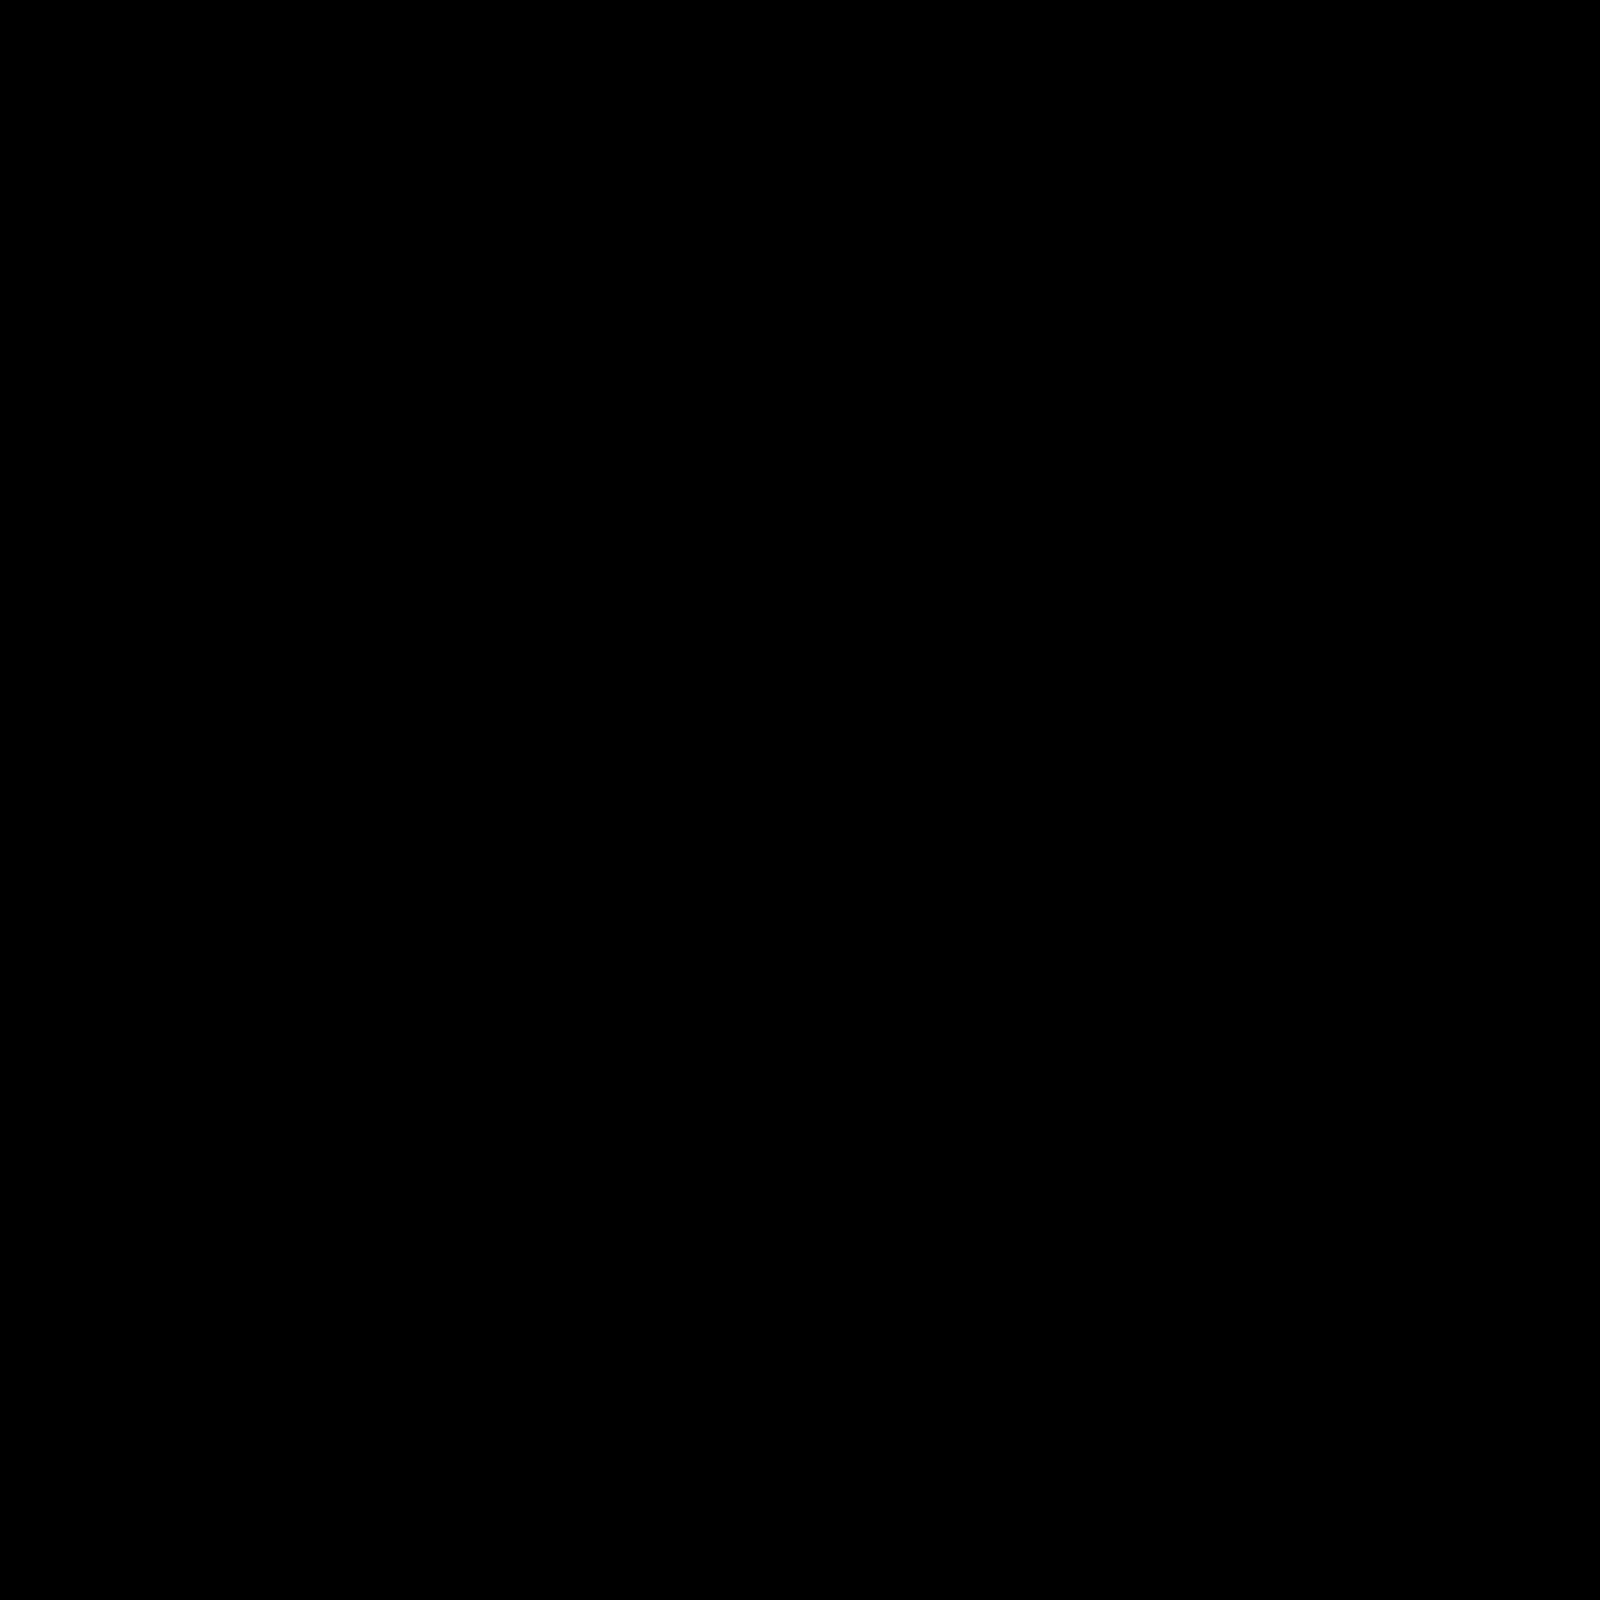 Suwnica icon